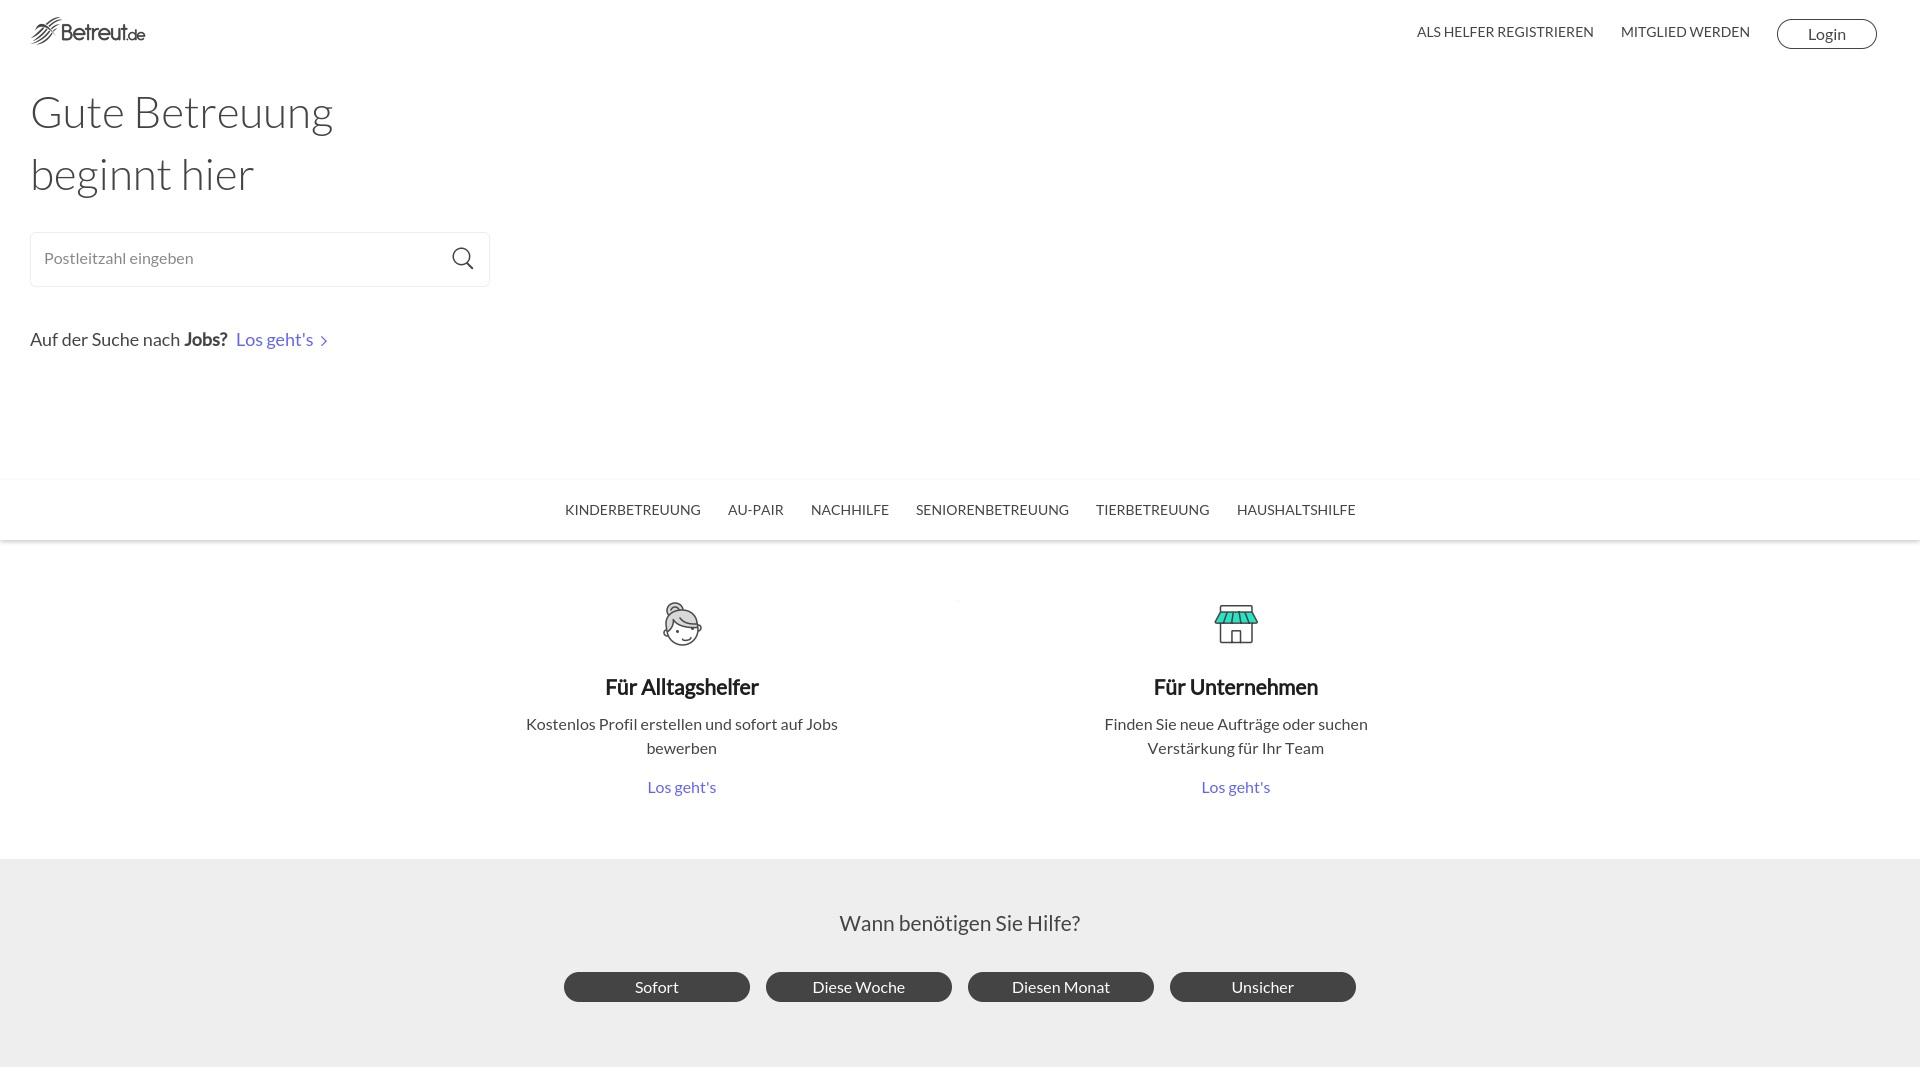 Geld zurück bei Betreut: Jetzt im Oktober 2021 Cashback für Betreut sichern